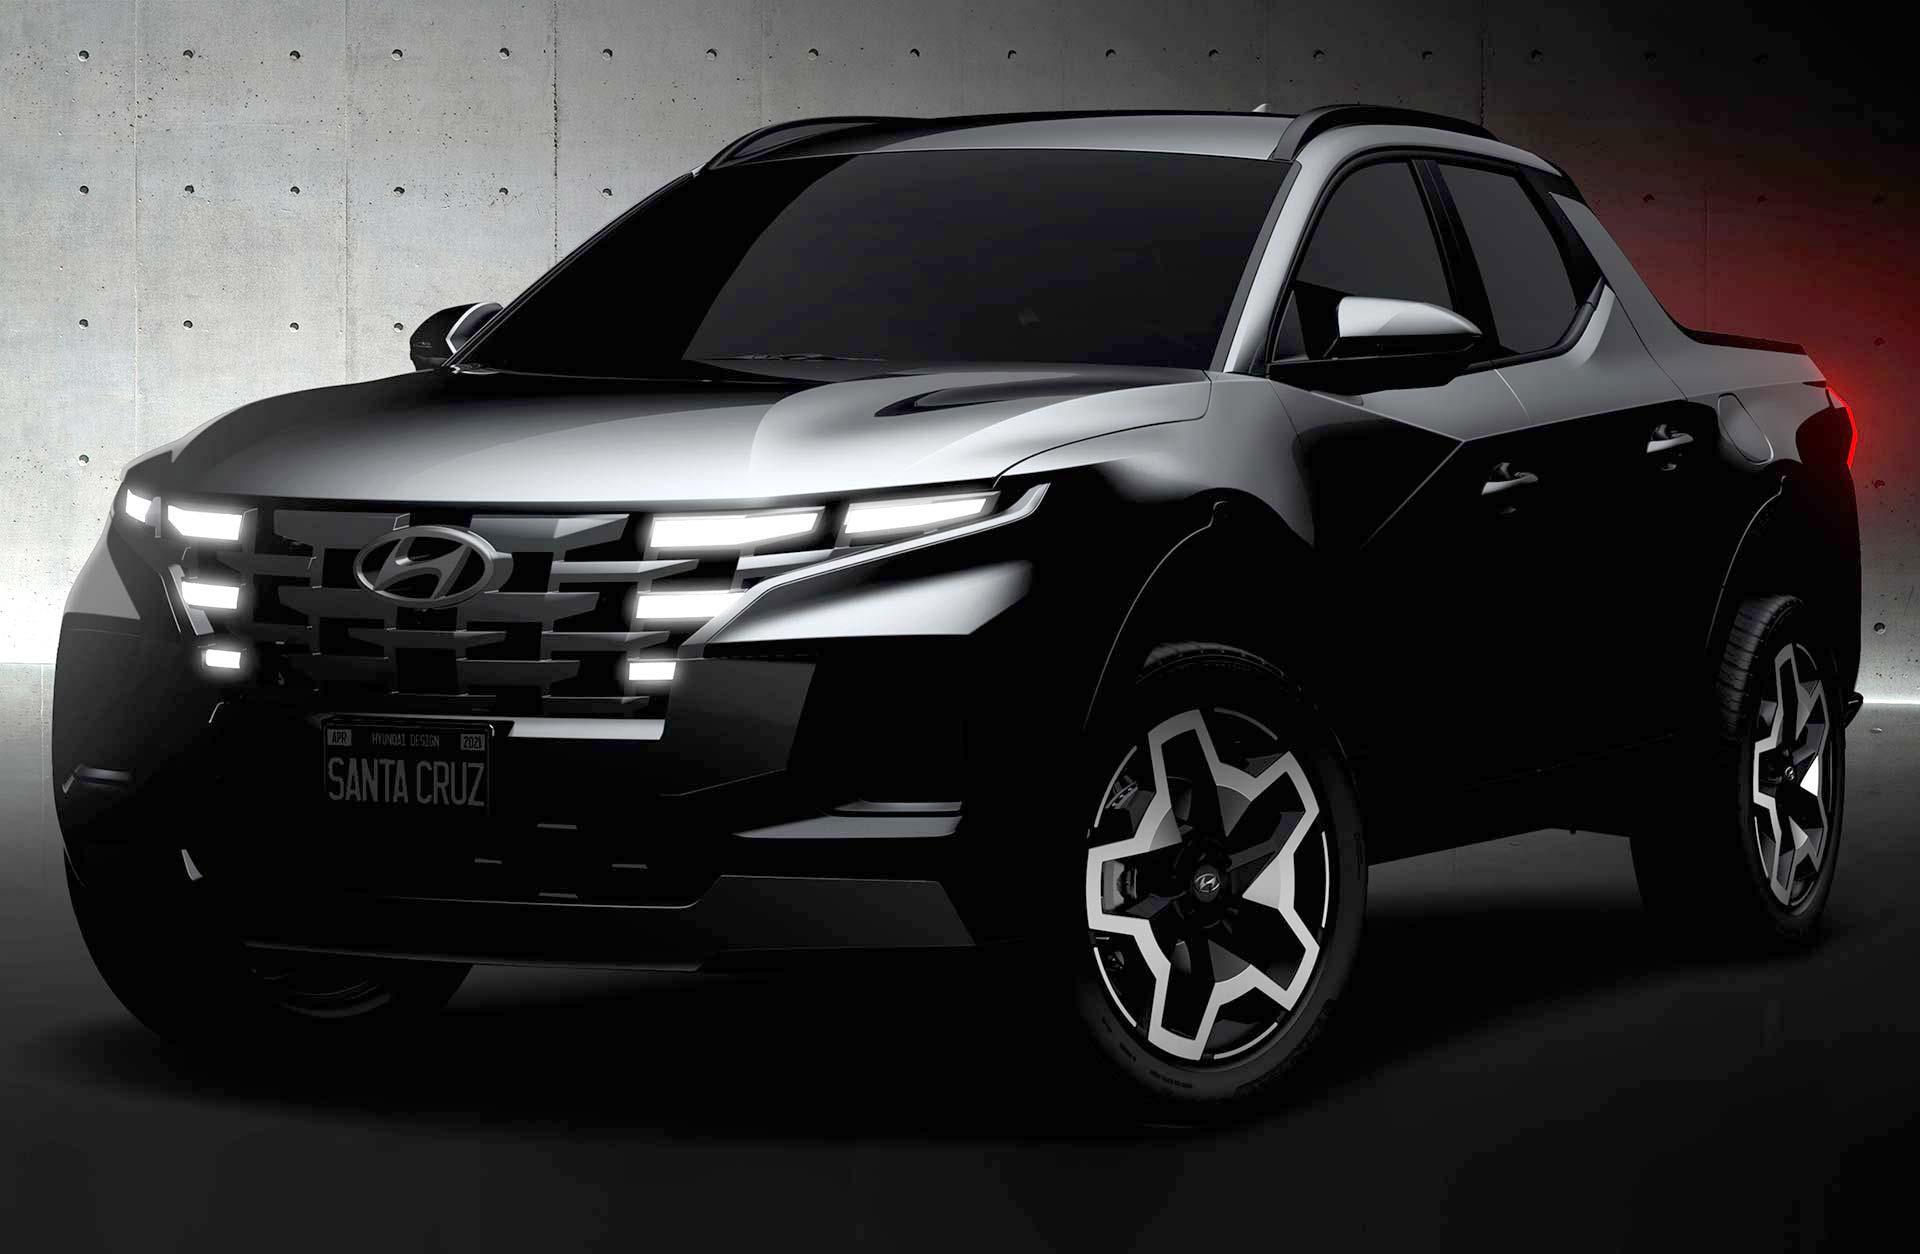 Oficial: así es la Hyundai Santa Cruz